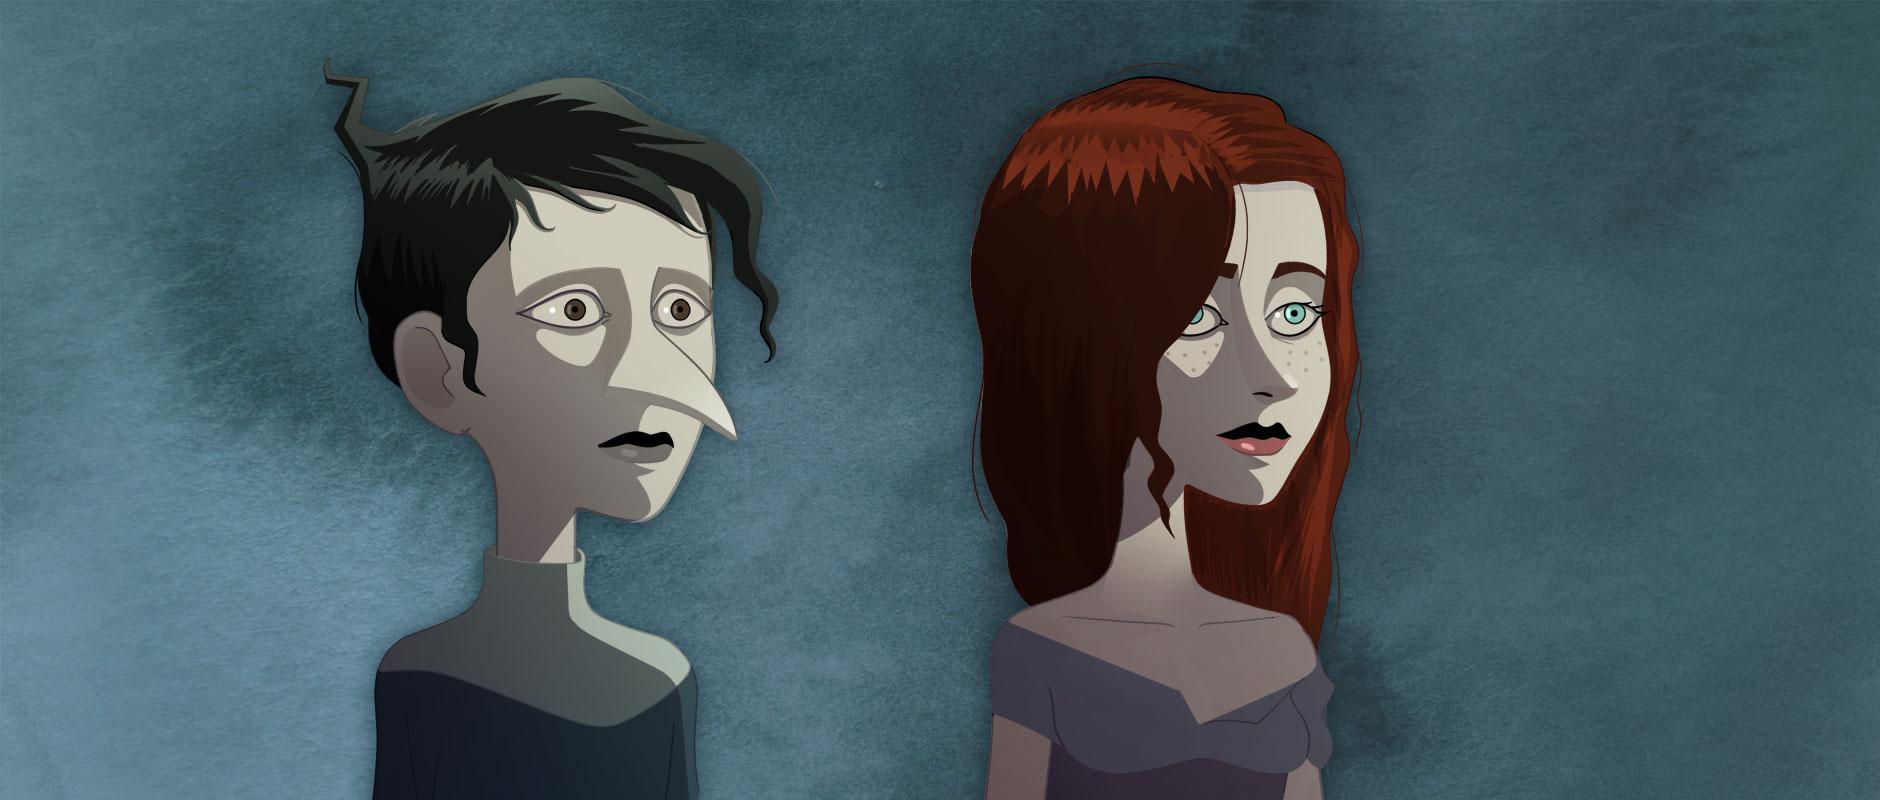 «Le Vigneron et La Mort» est un conte valaisan issu de la tradition orale, revisité par Victor Jaquier sous la forme d'un court-métrage en dessin animé.